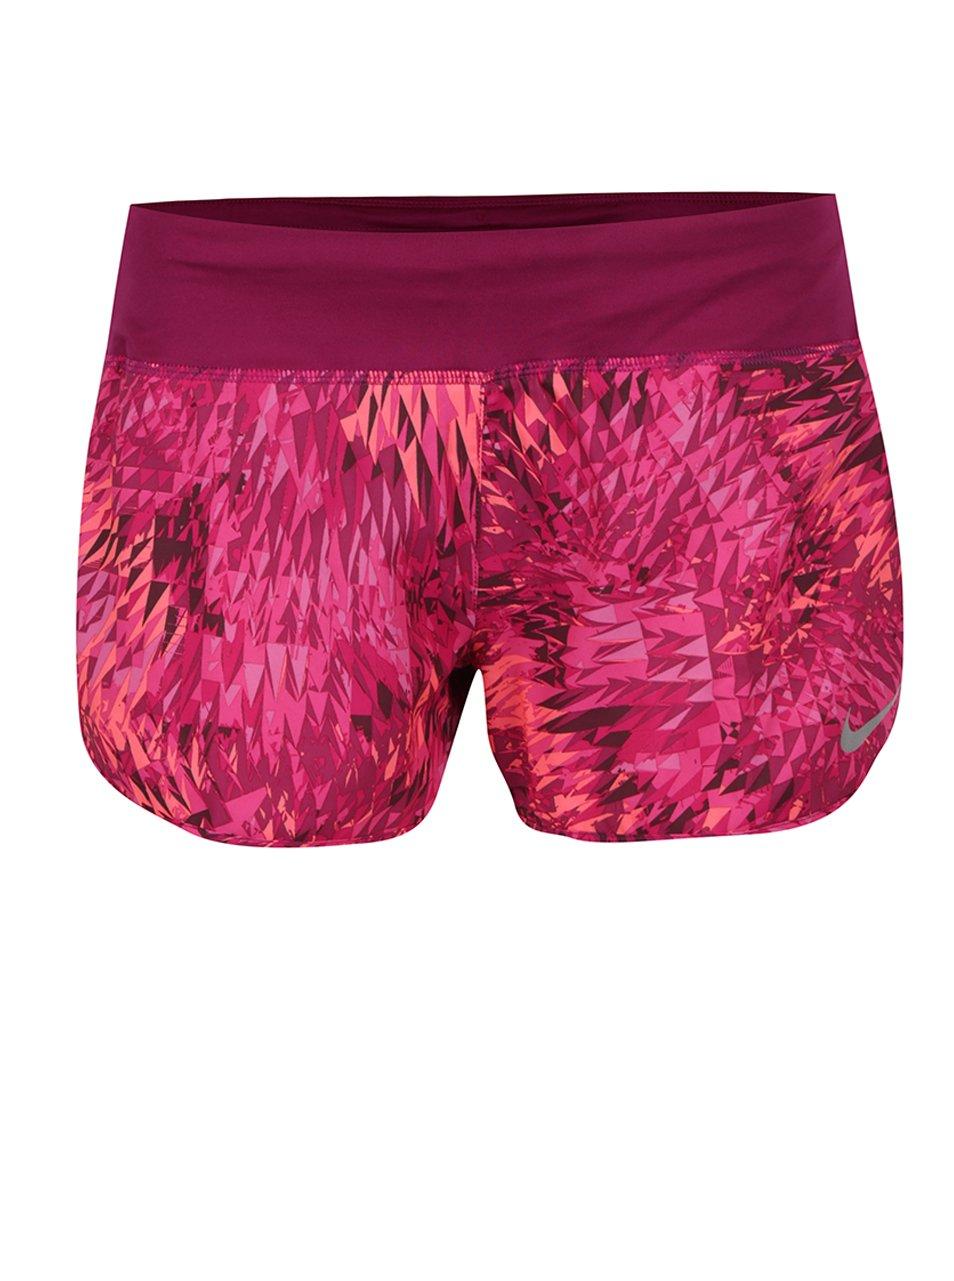 Růžovo-fialové dámské funkční vzorované kraťasy Nike